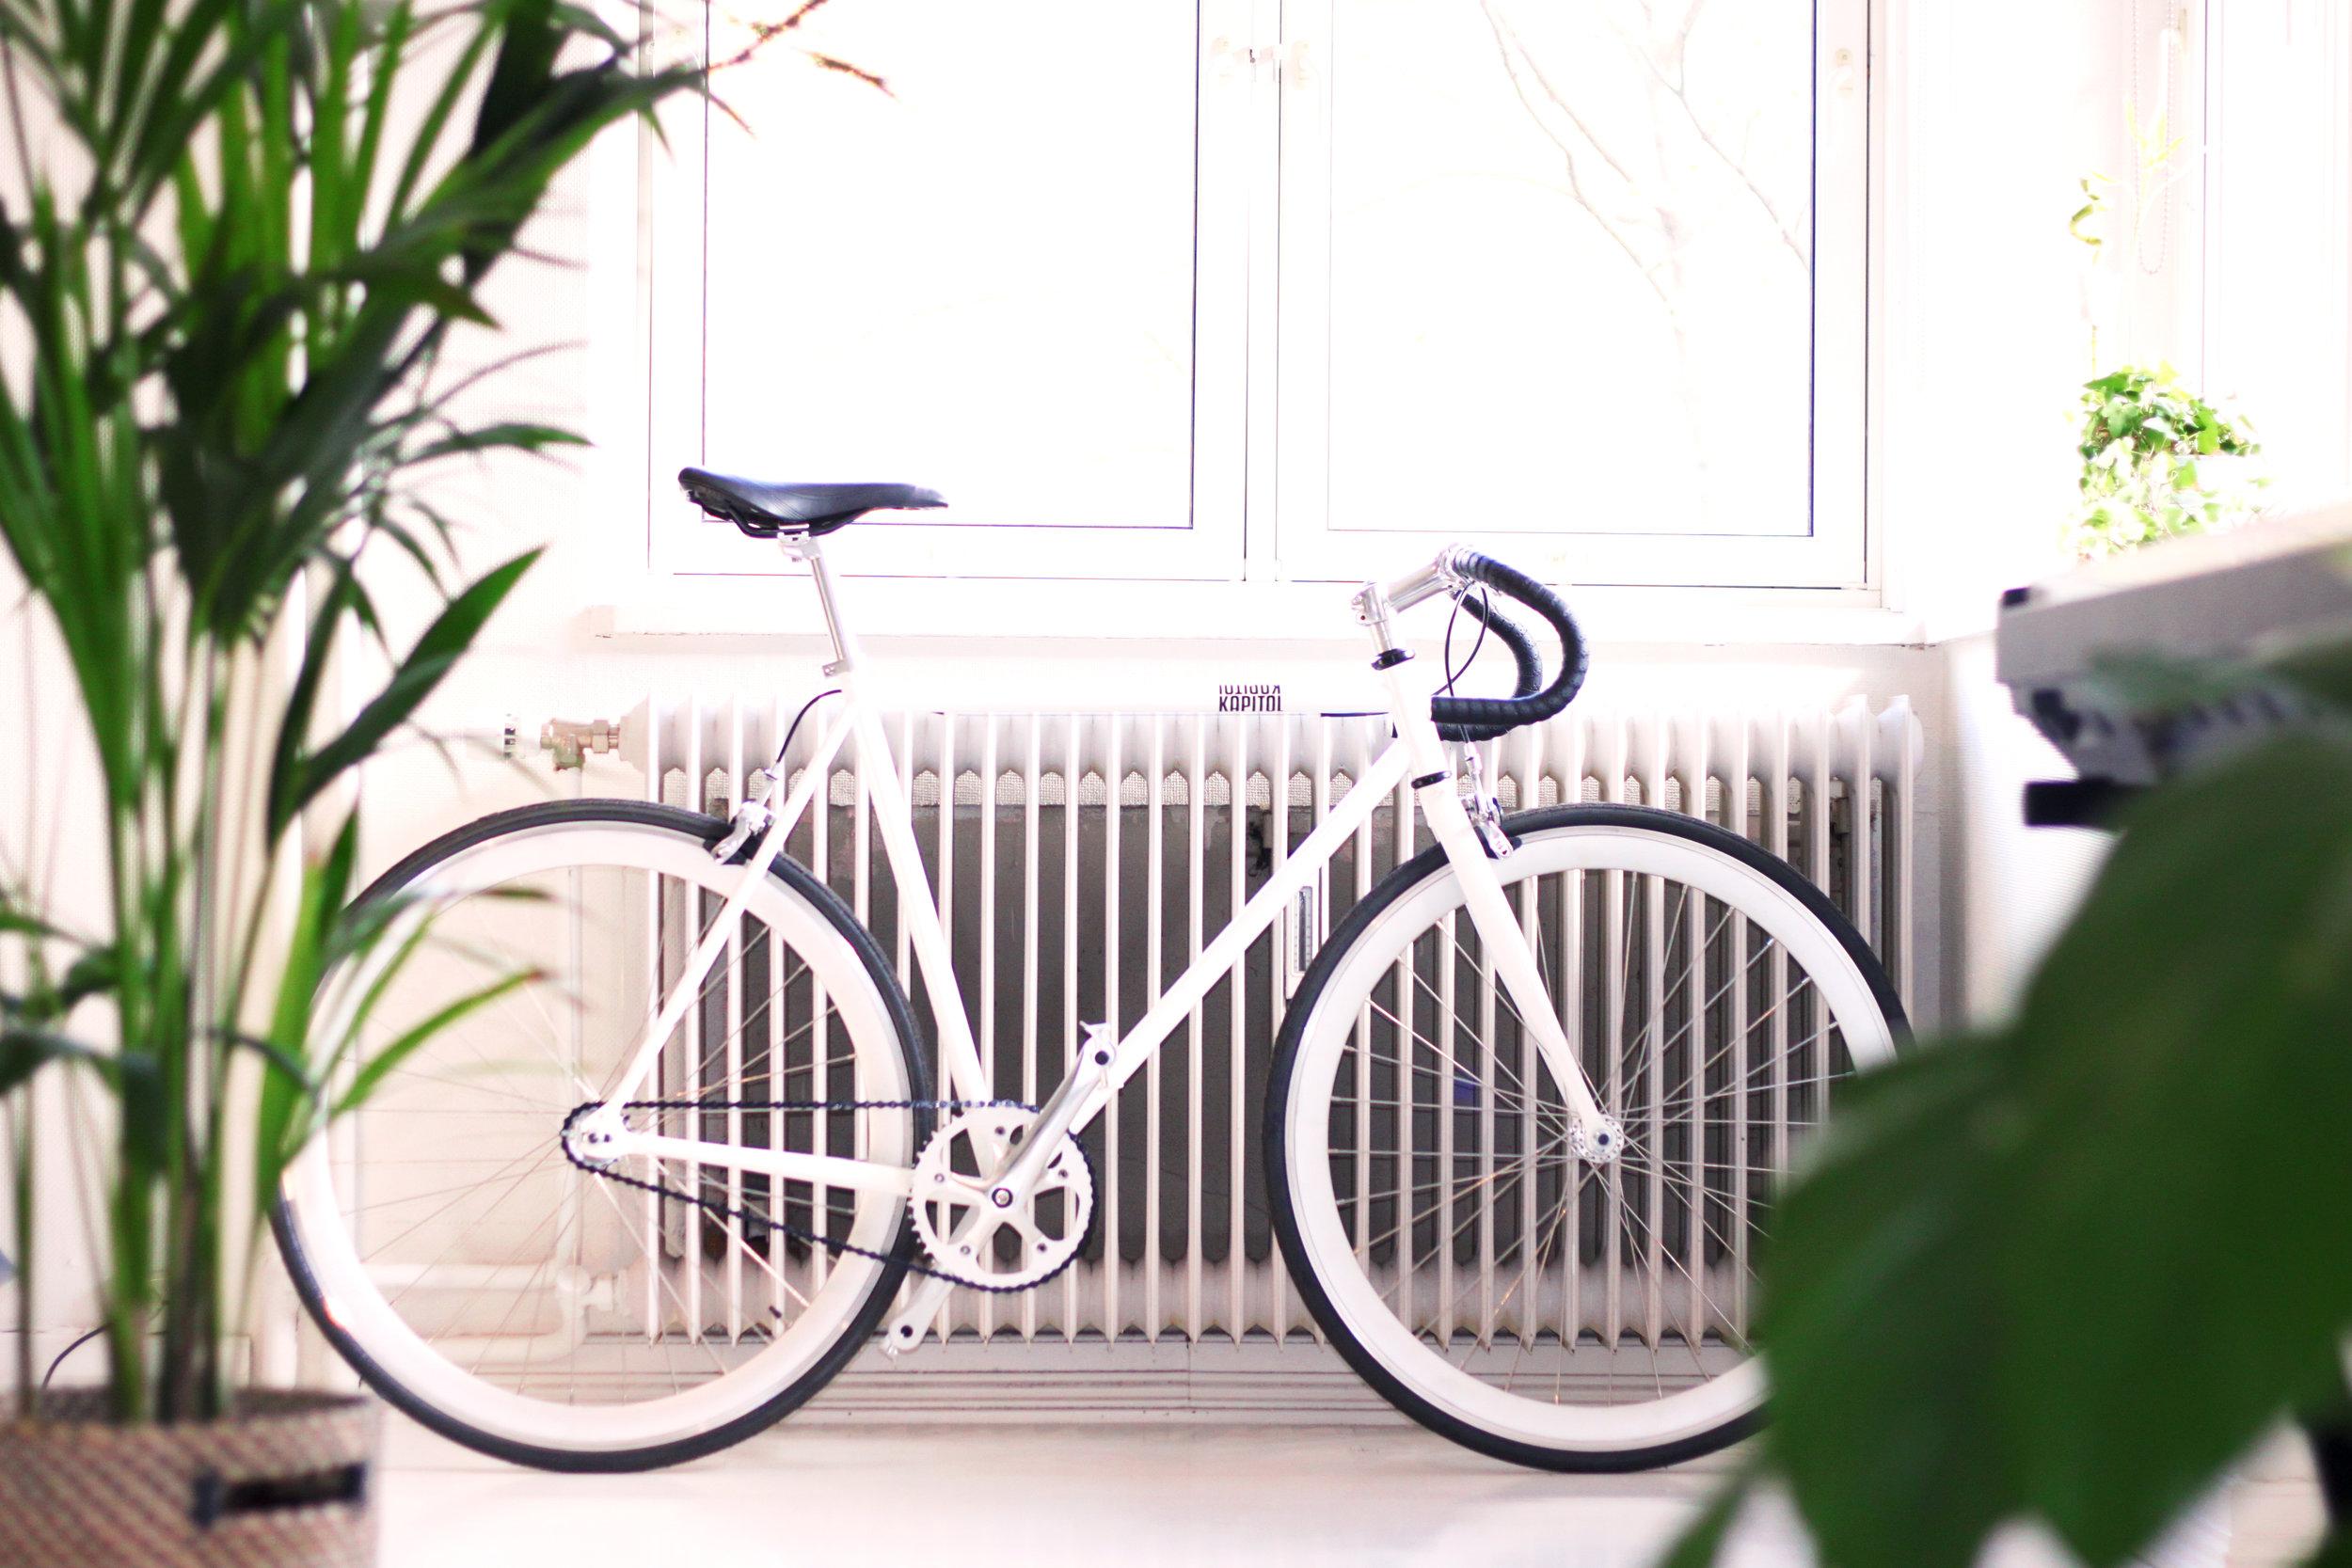 Verwarming - Wij bieden totaaloplossingen aan voor je CV-installatie. Samen bekijken we de verschillende opties en bespreken we de energiebehoeftes.